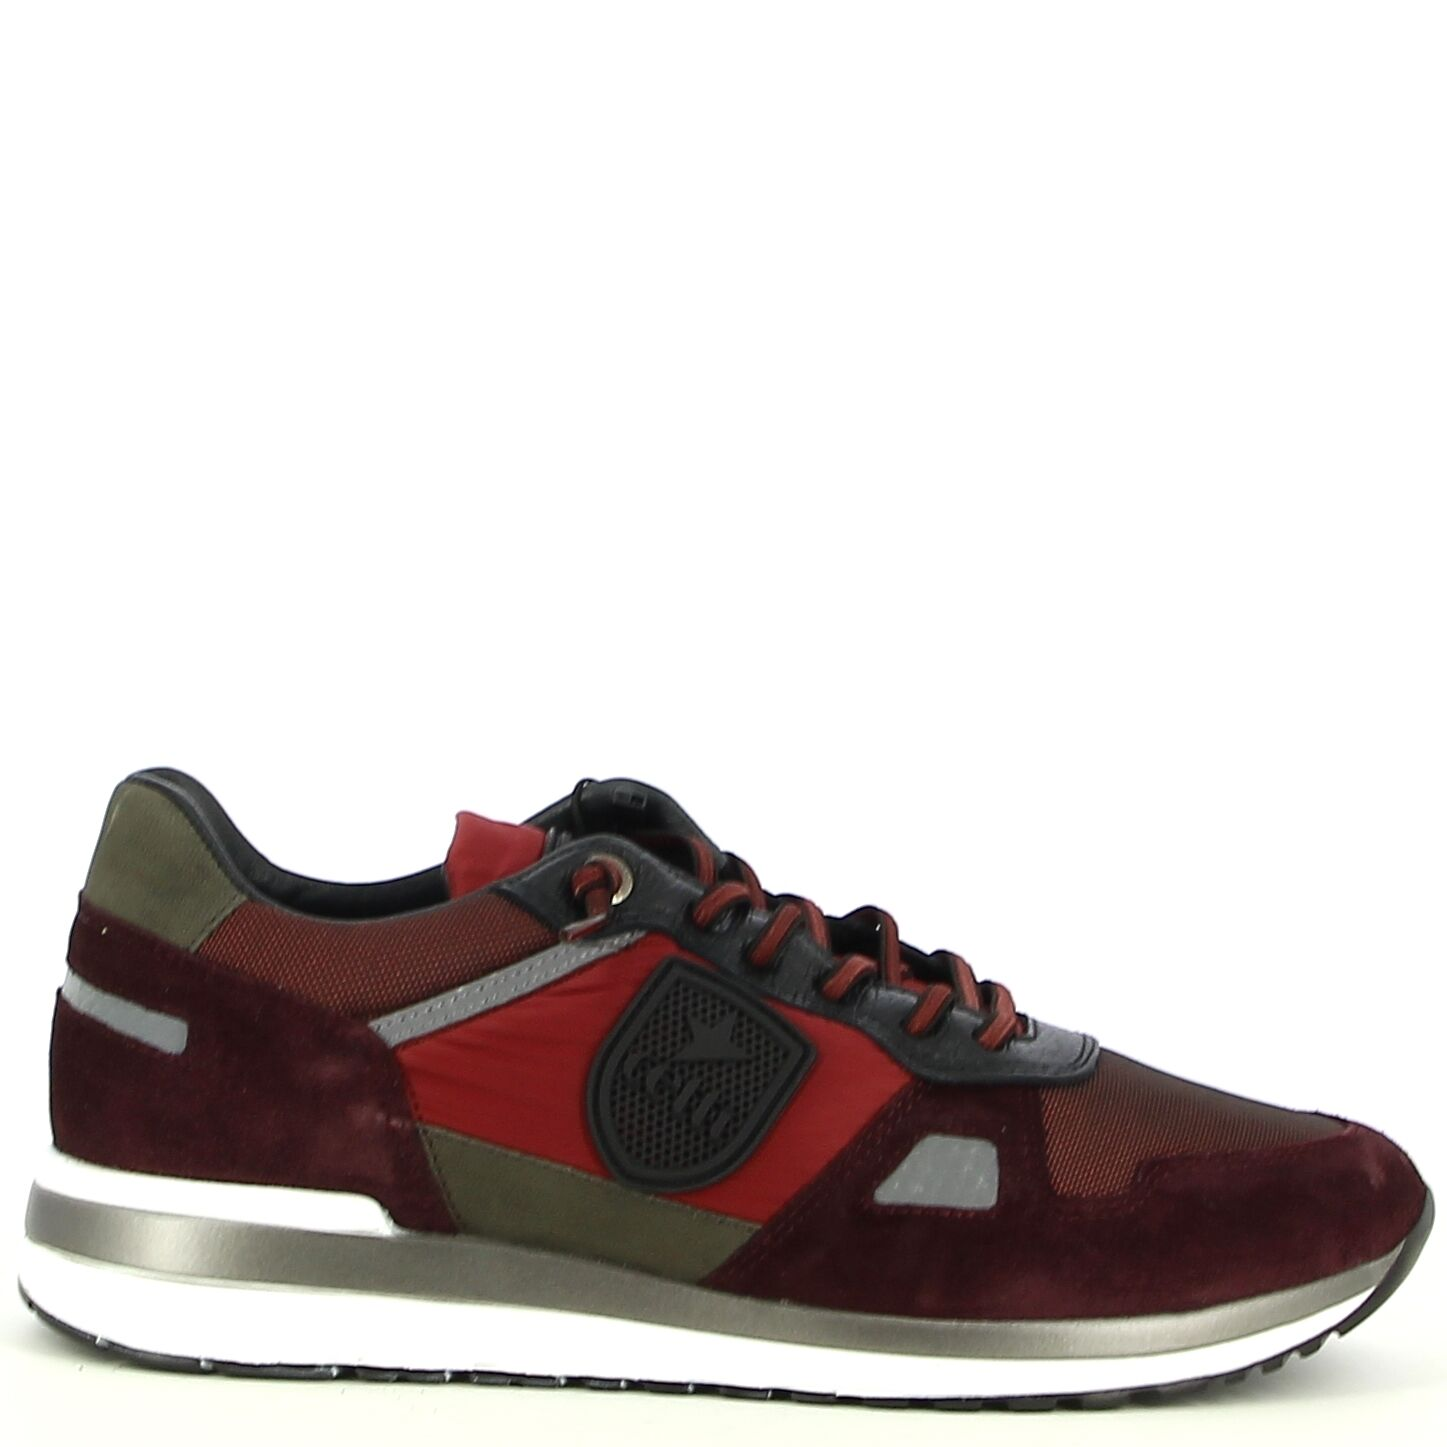 Cetti - Bordeaux sneaker